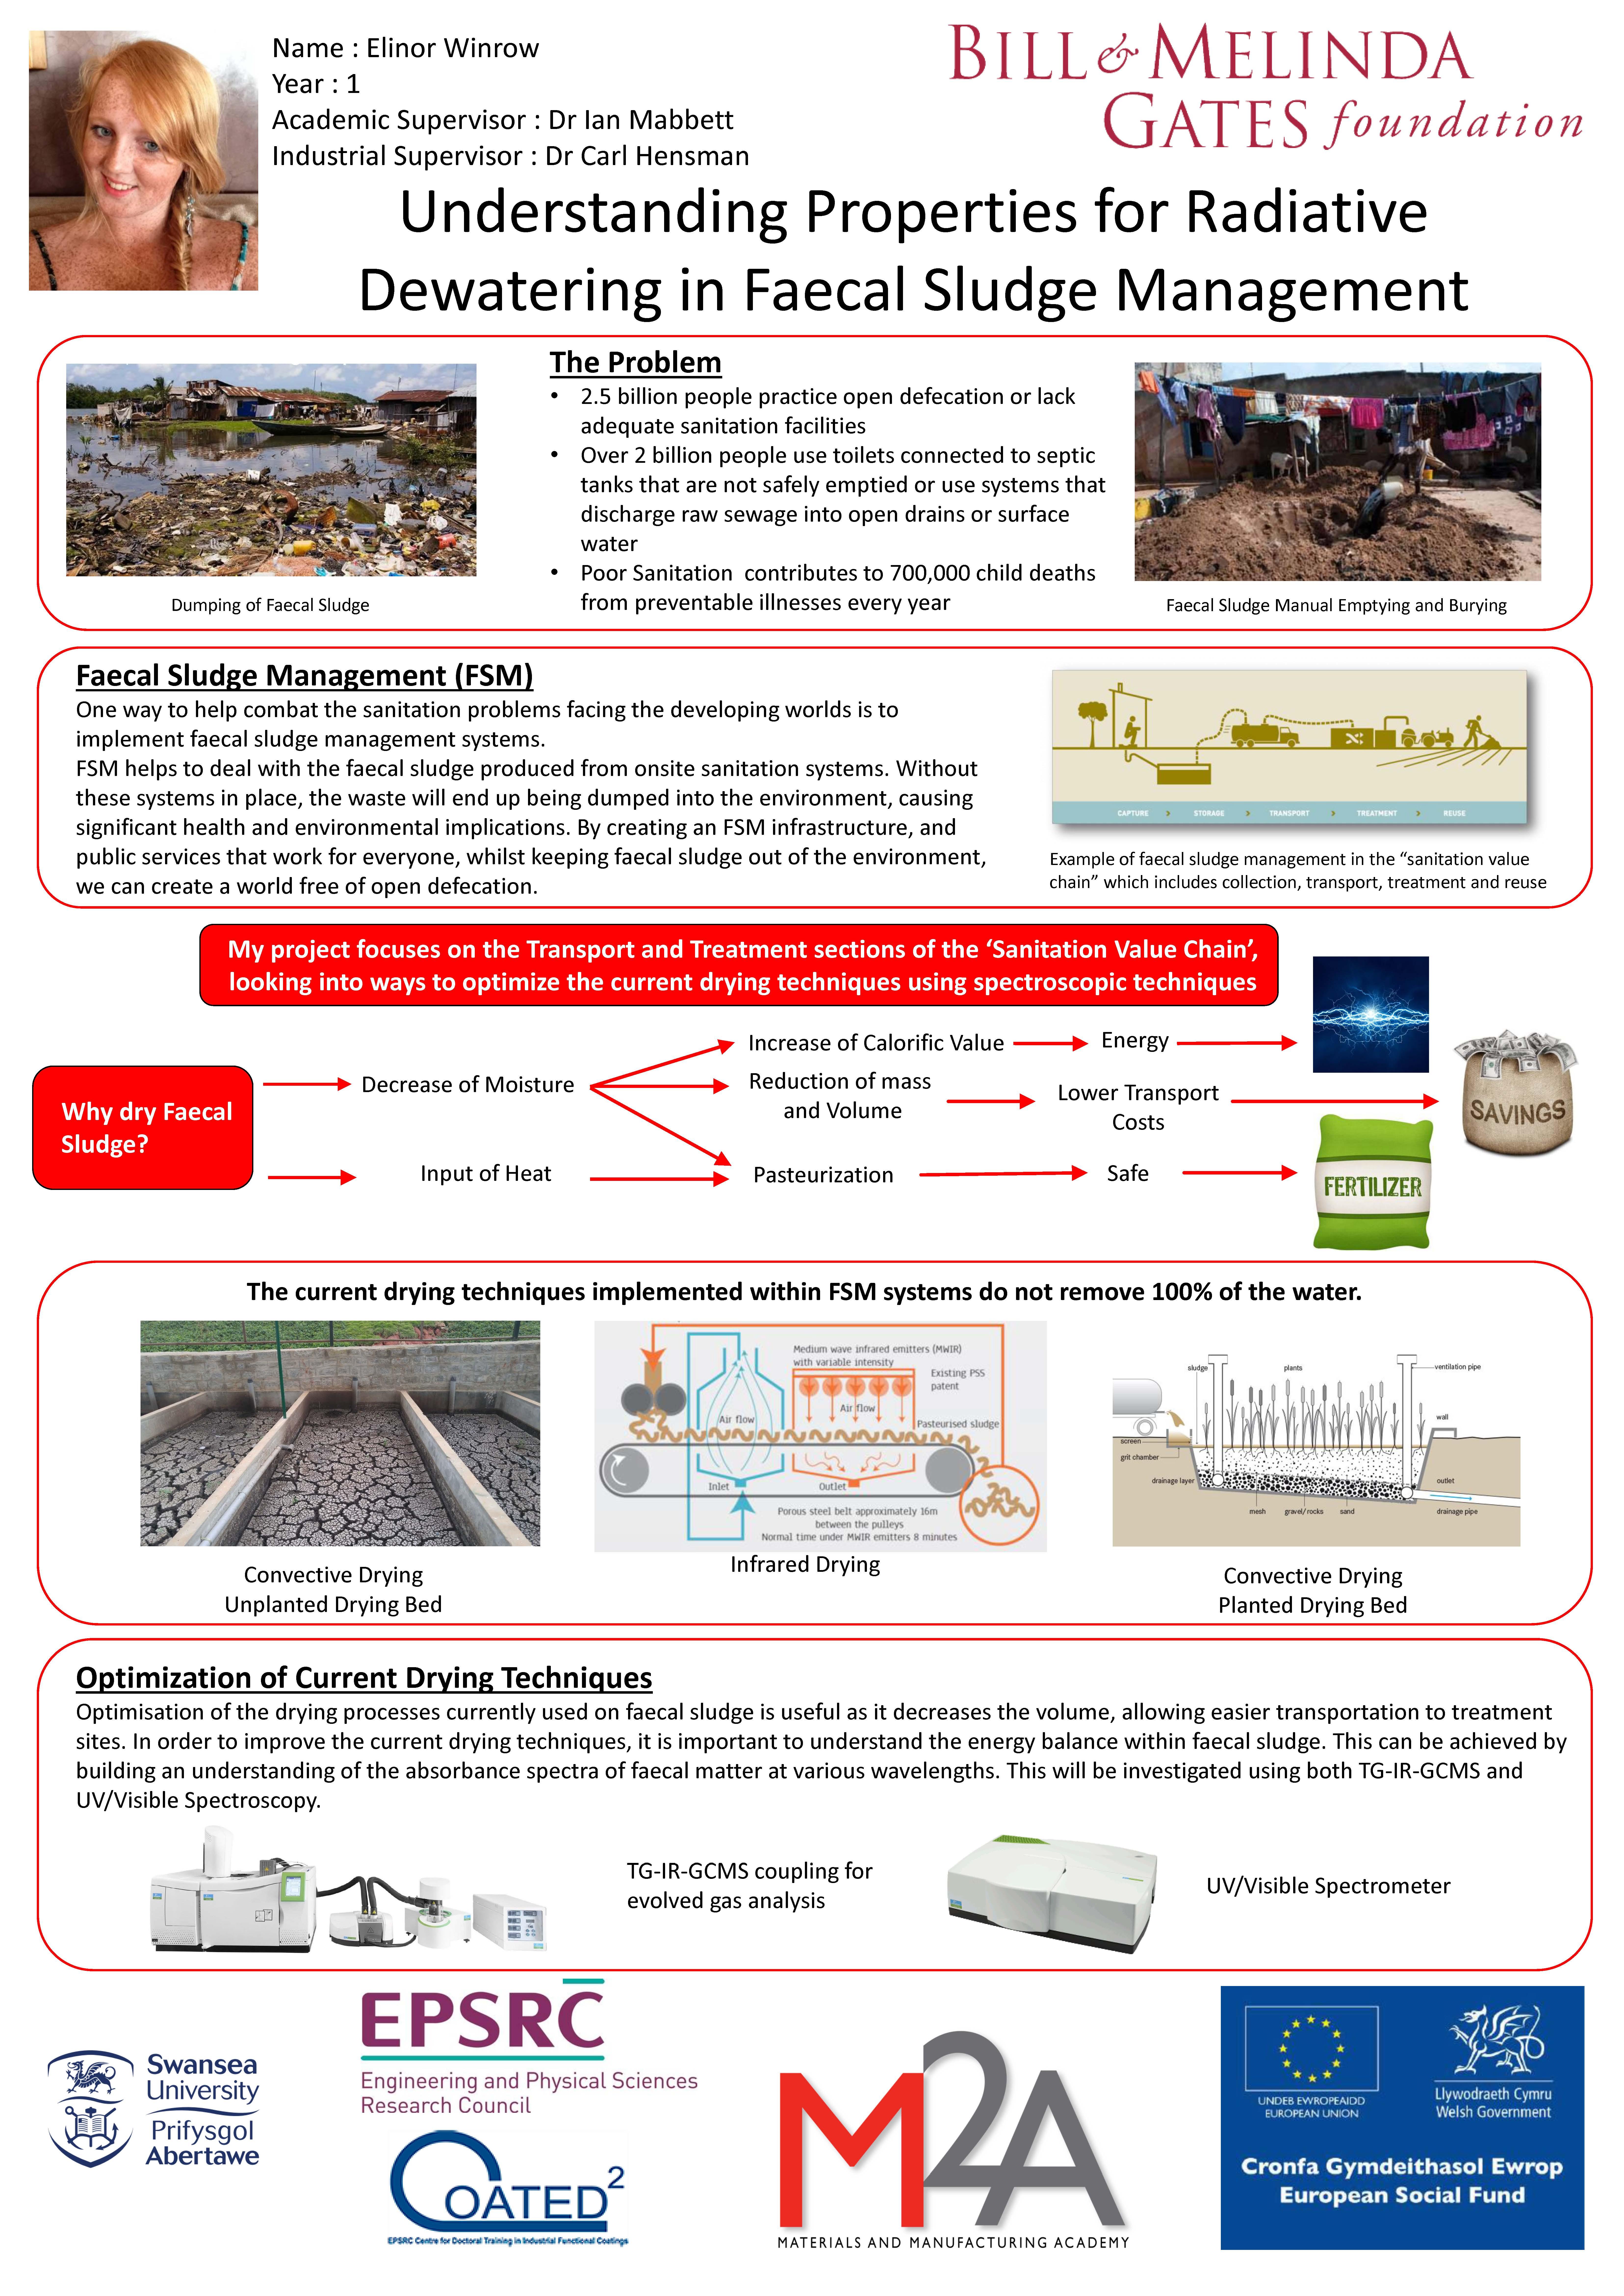 Understanding Properties for Radiative Dewatering in Faecal Sludge Management